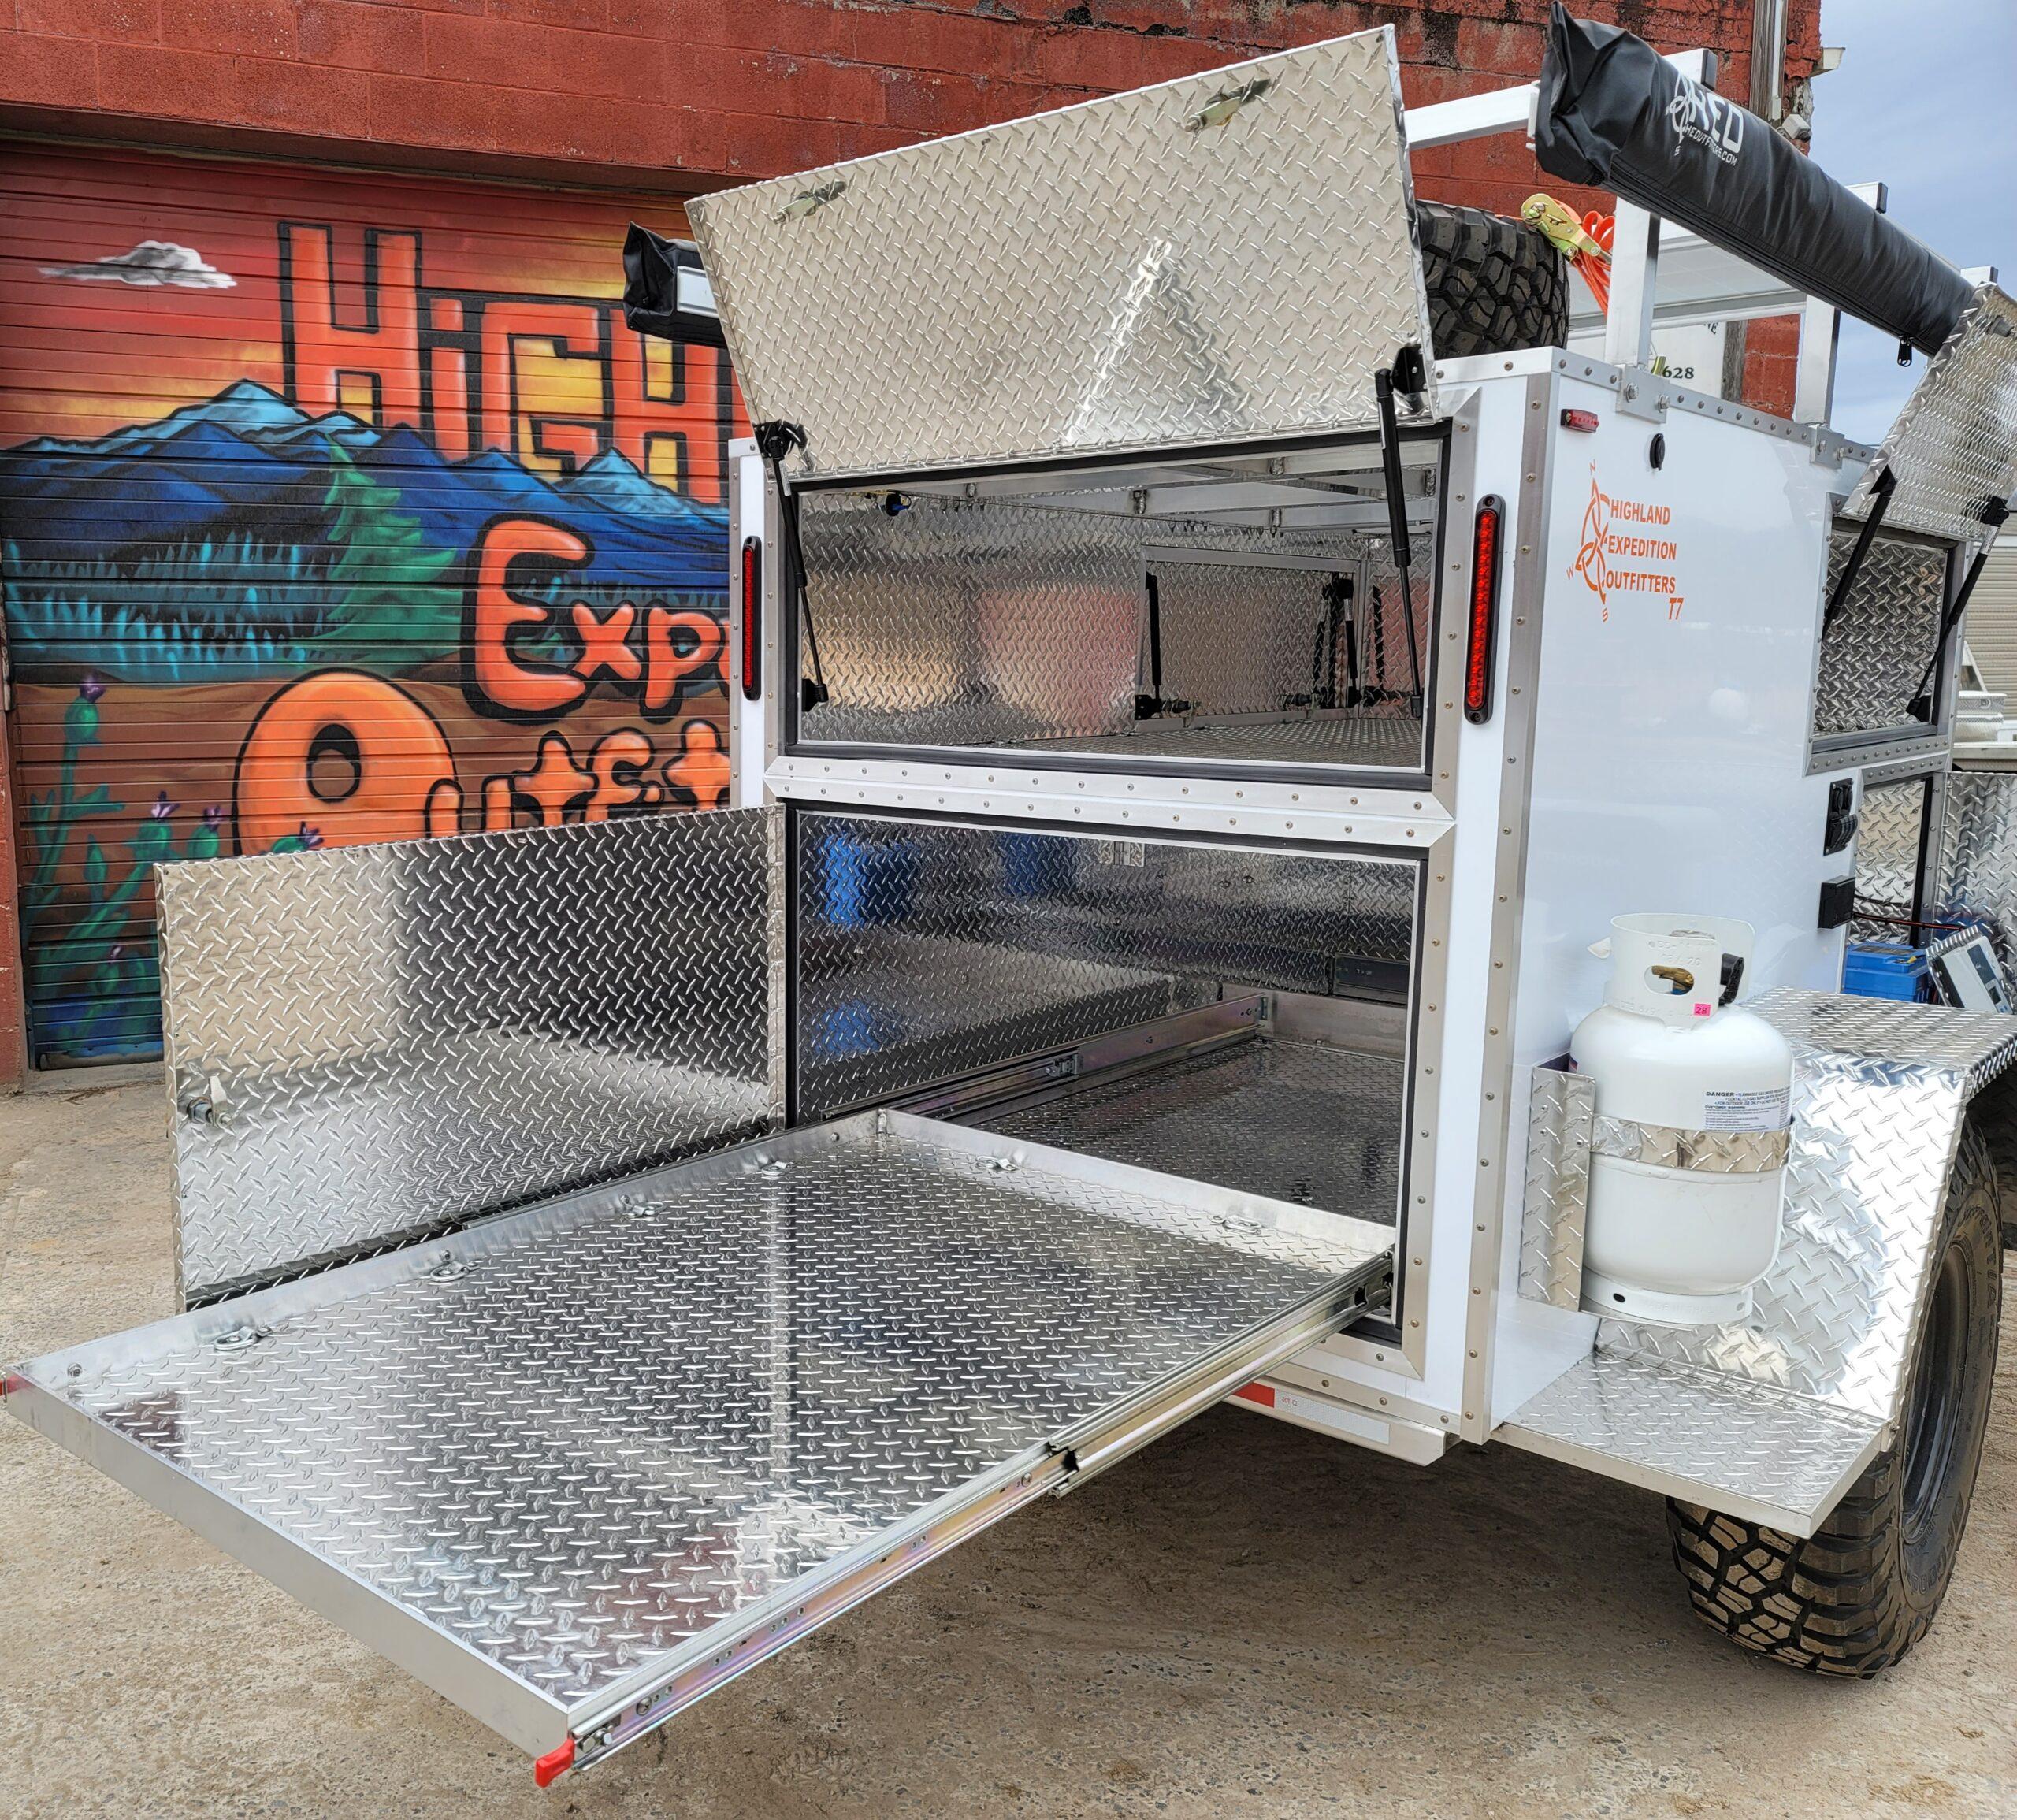 T7 Rear cargo slide and upper door & propane